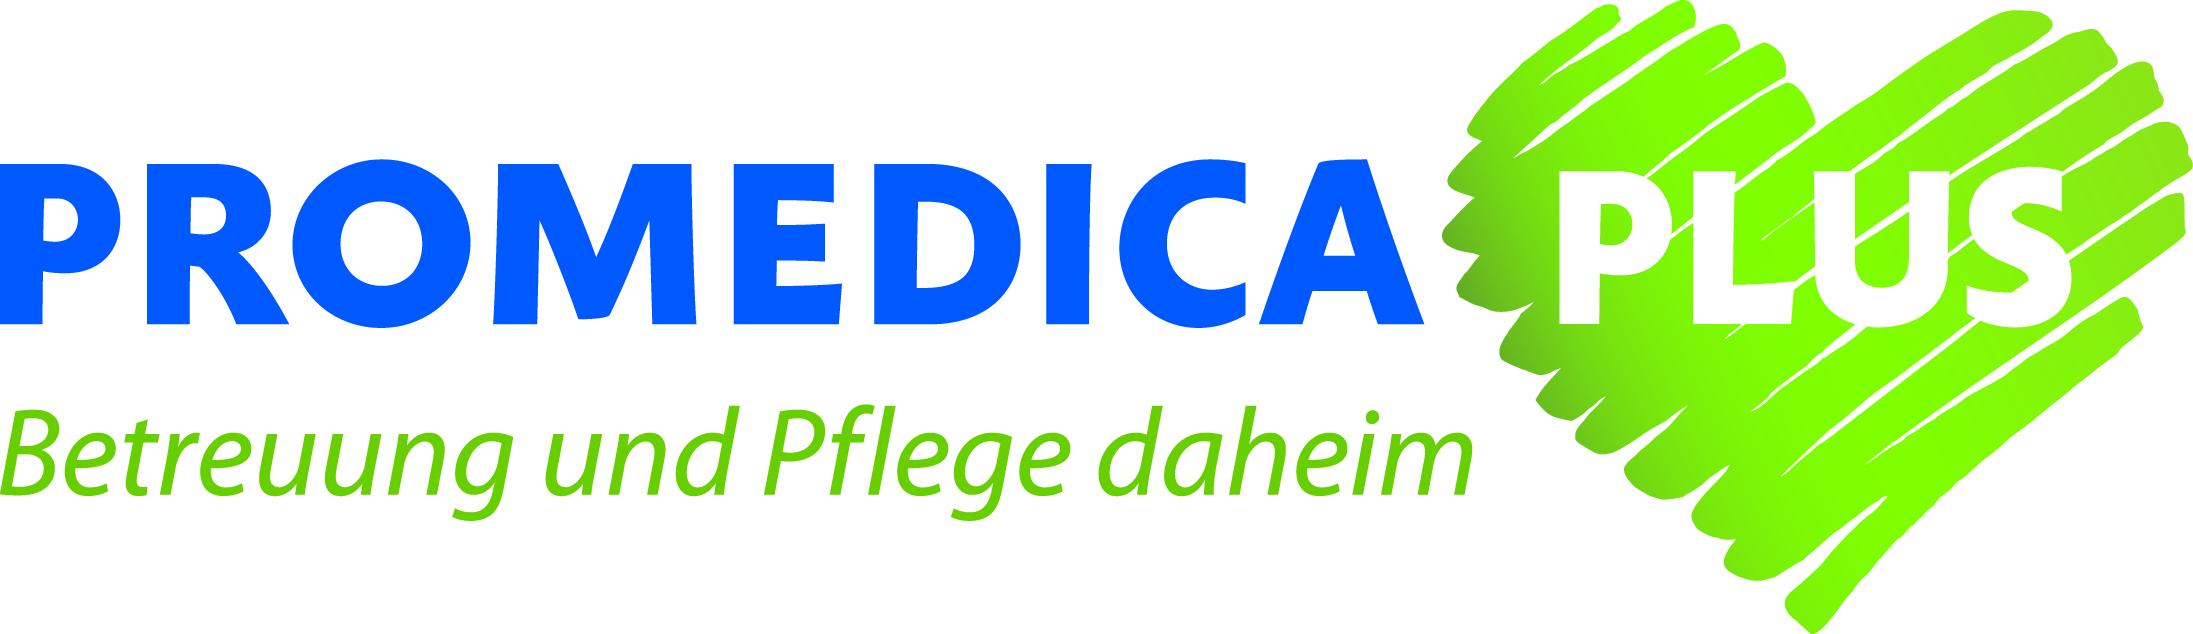 Logo PROMEDICA PLUS Wetzlar-Wettenberg